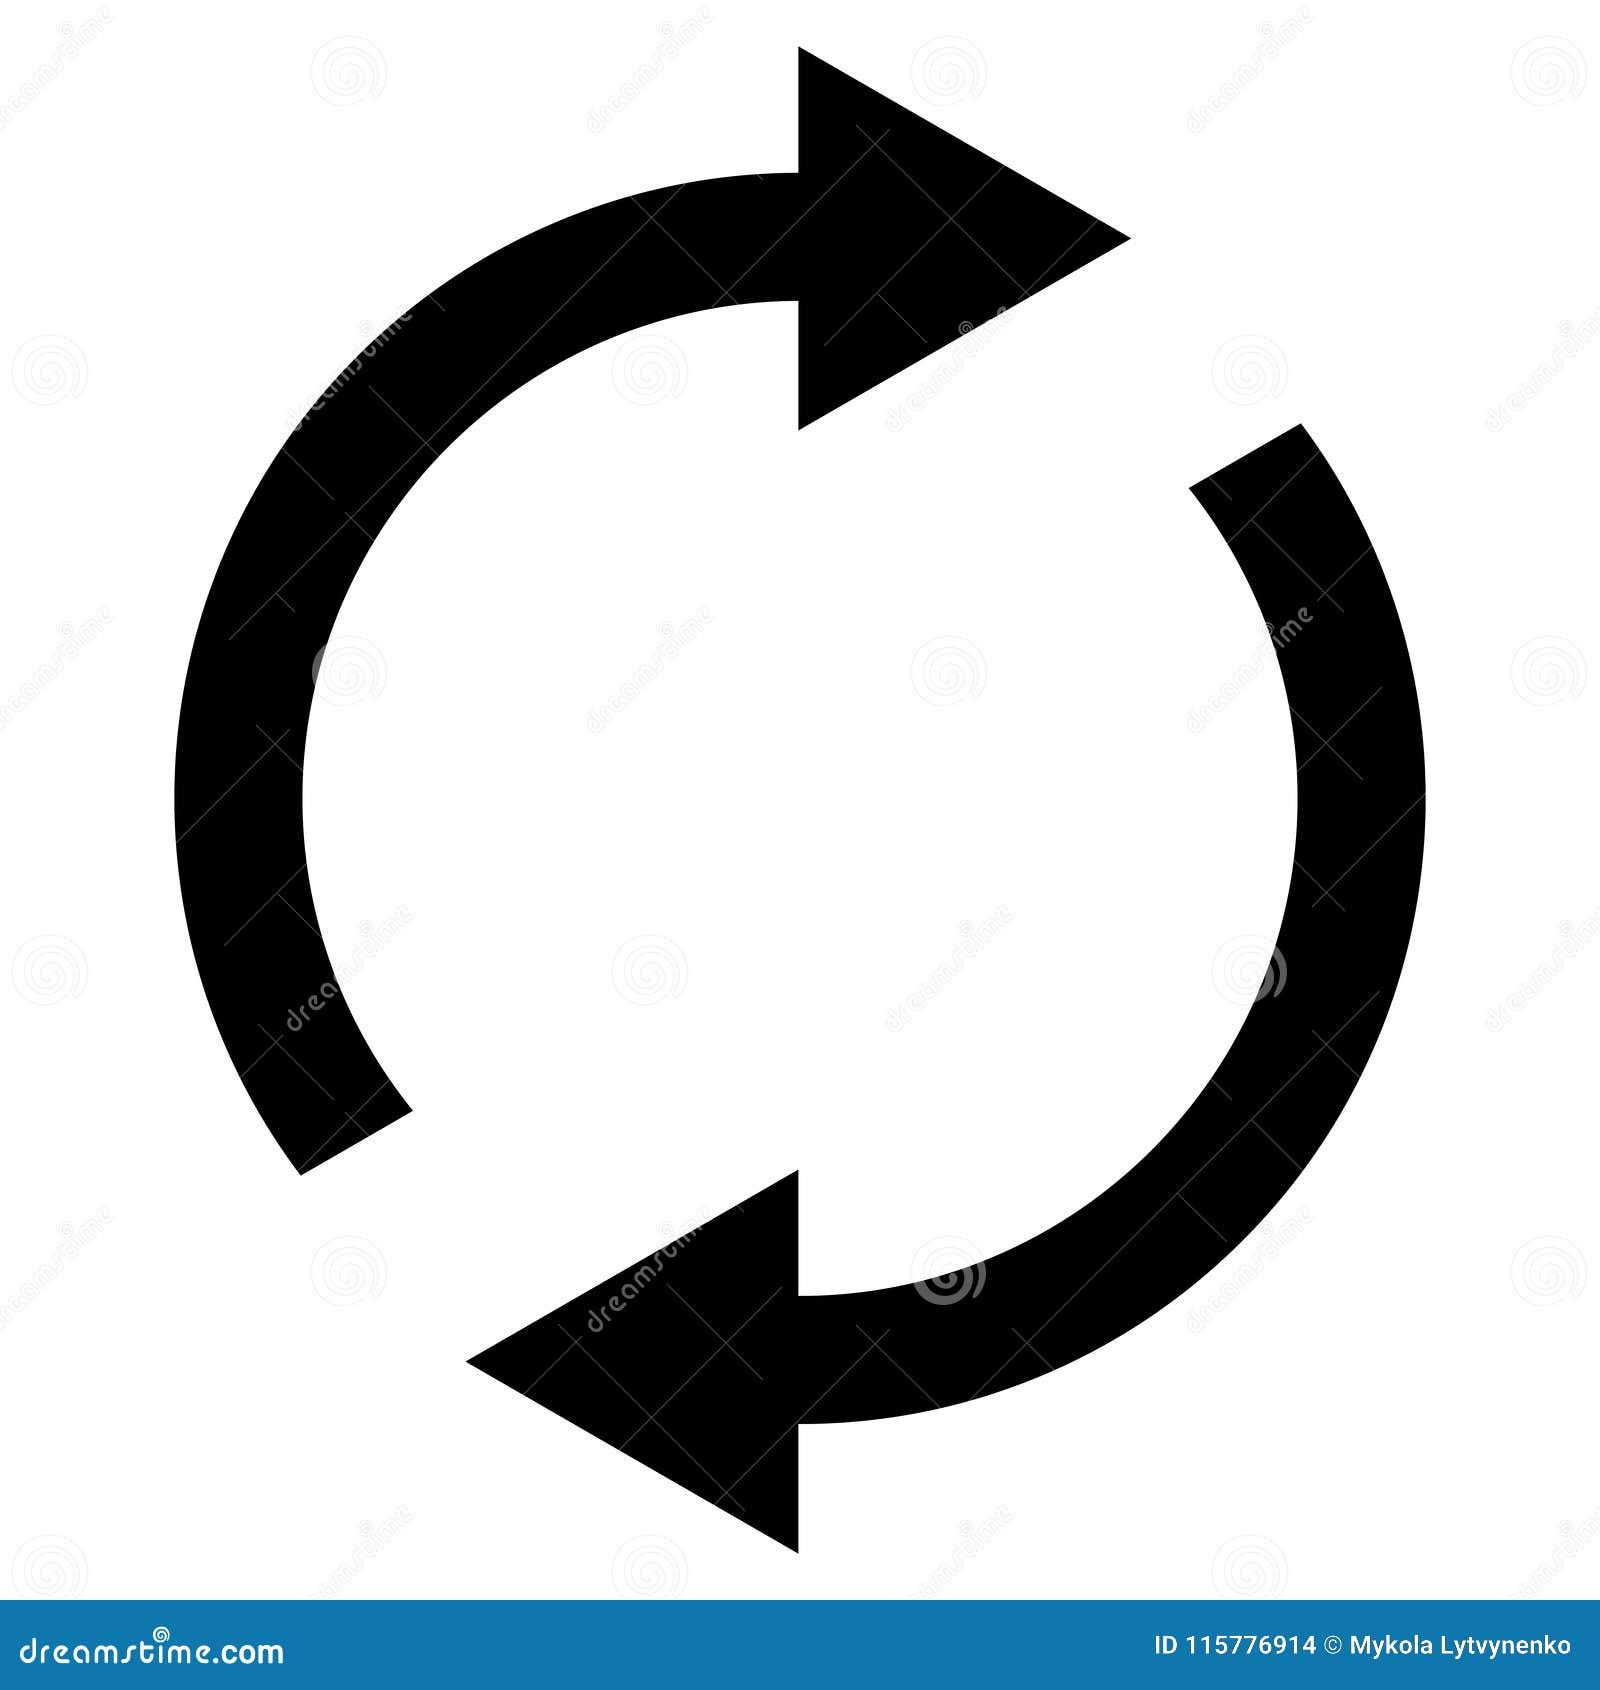 Ikony zamiana wznawia, wirujący strzała w okręgu, wektorowa symbol synchronizacja, odnawialna produkt wymiana, zmiana odnawia